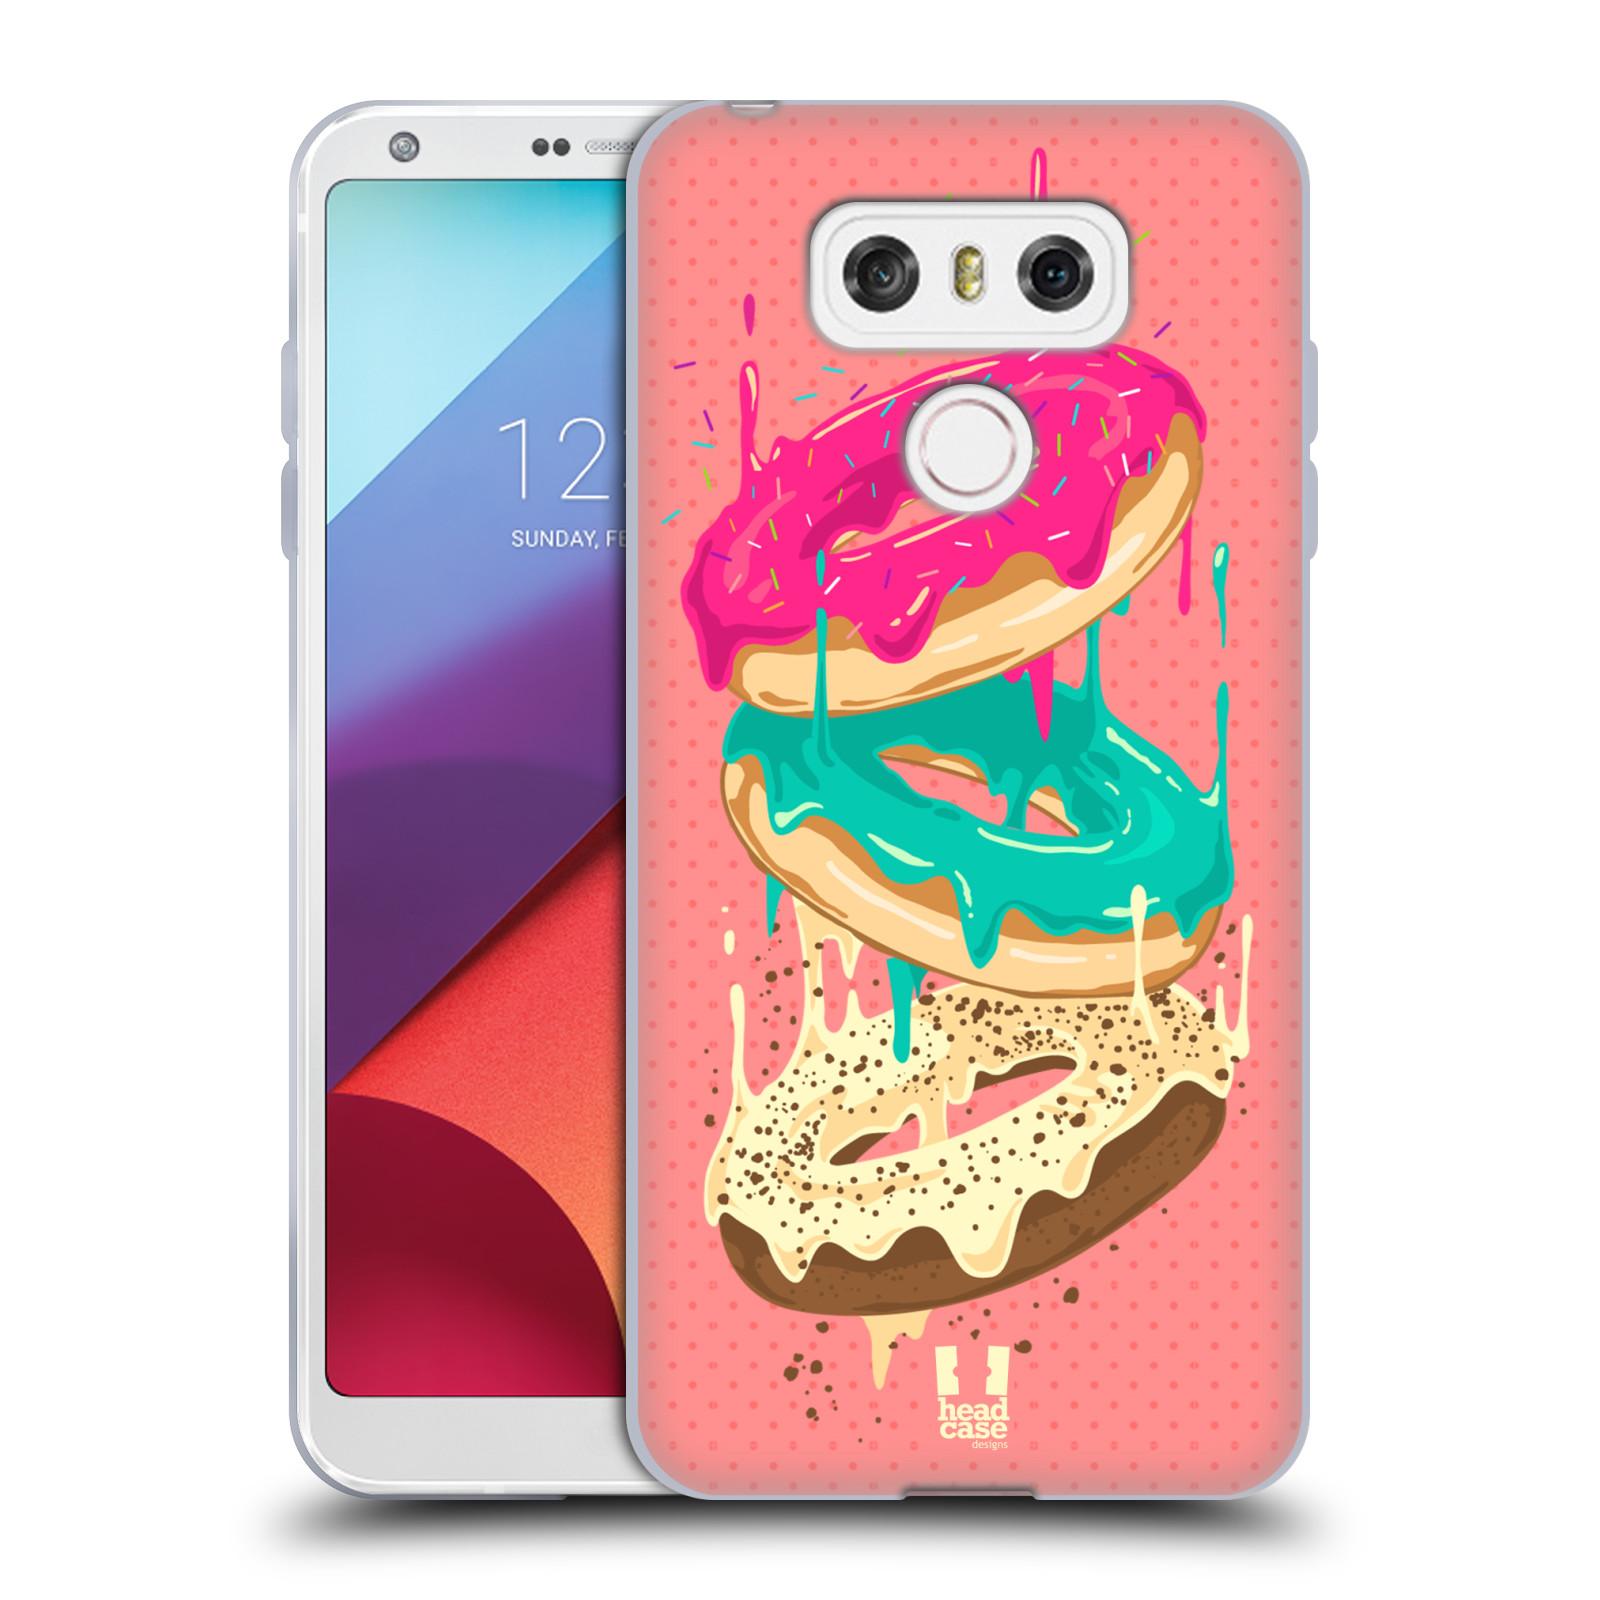 Silikonové pouzdro na mobil LG G6 - Head Case DONUTKY PADAJÍCÍ (Silikonový kryt či obal na mobilní telefon LG G6 H870 / LG G6 Dual SIM H870DS)